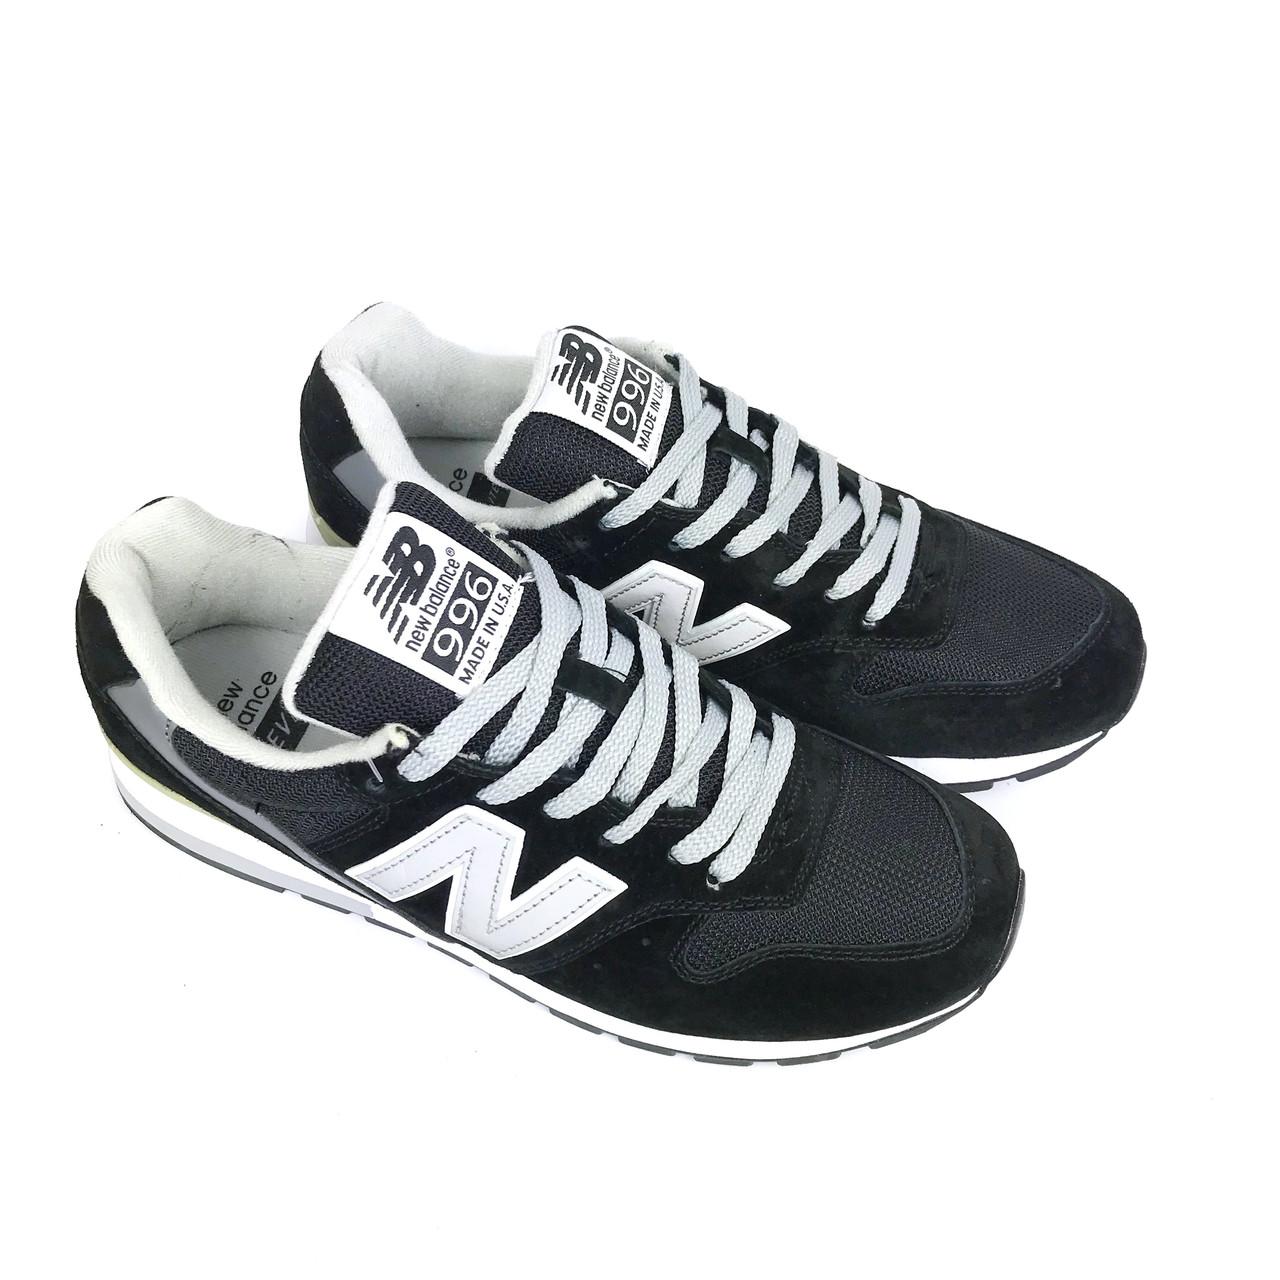 4960cb29 Кроссовки New Balance 996, черные, мужские, LUX-реплика - VUBO — авторская